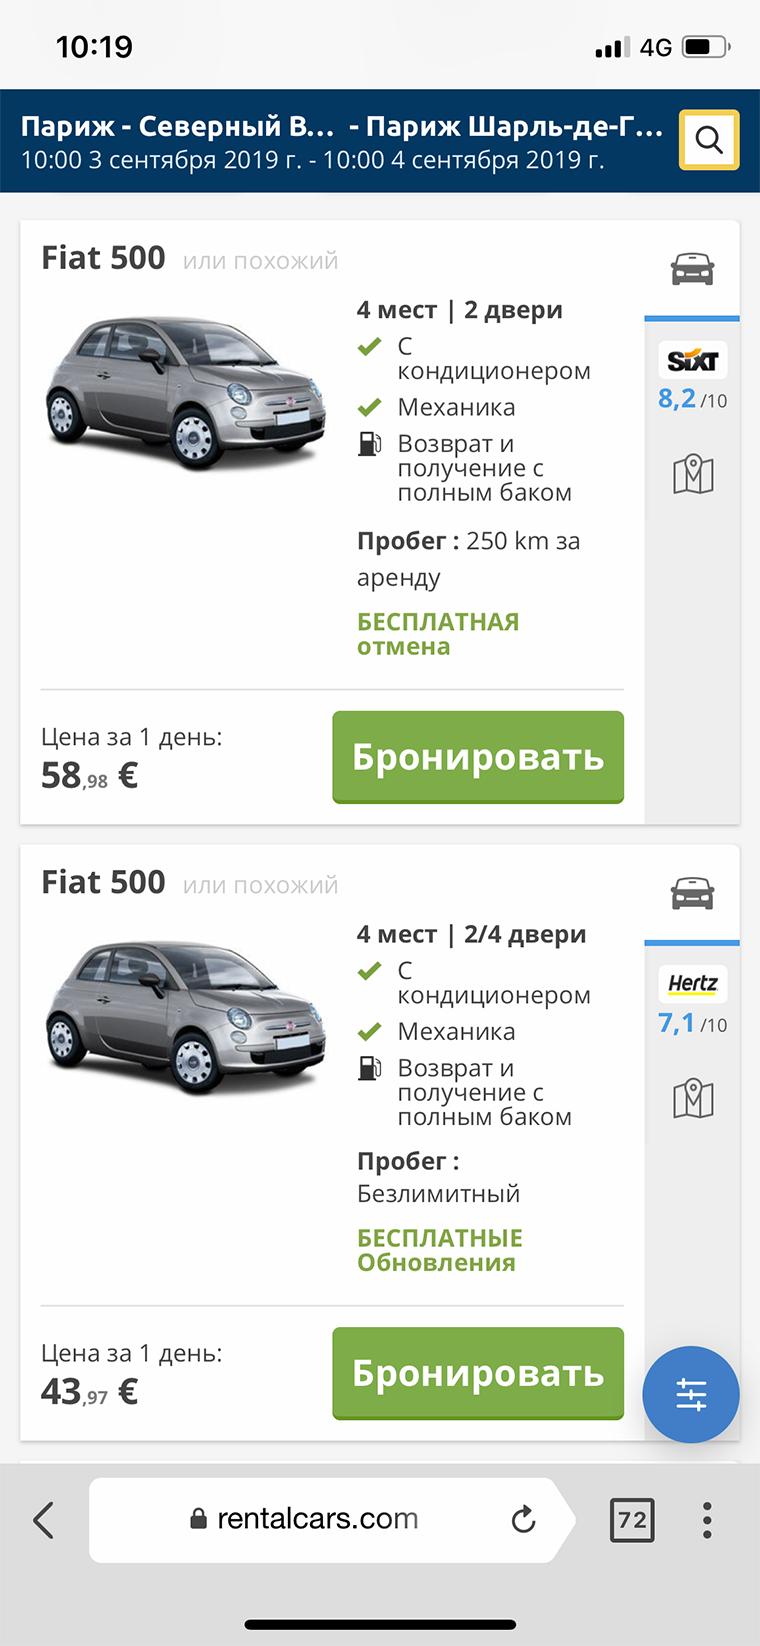 А это цена аренды такого же автомобиля в офисе прокатной компании в центре Парижа